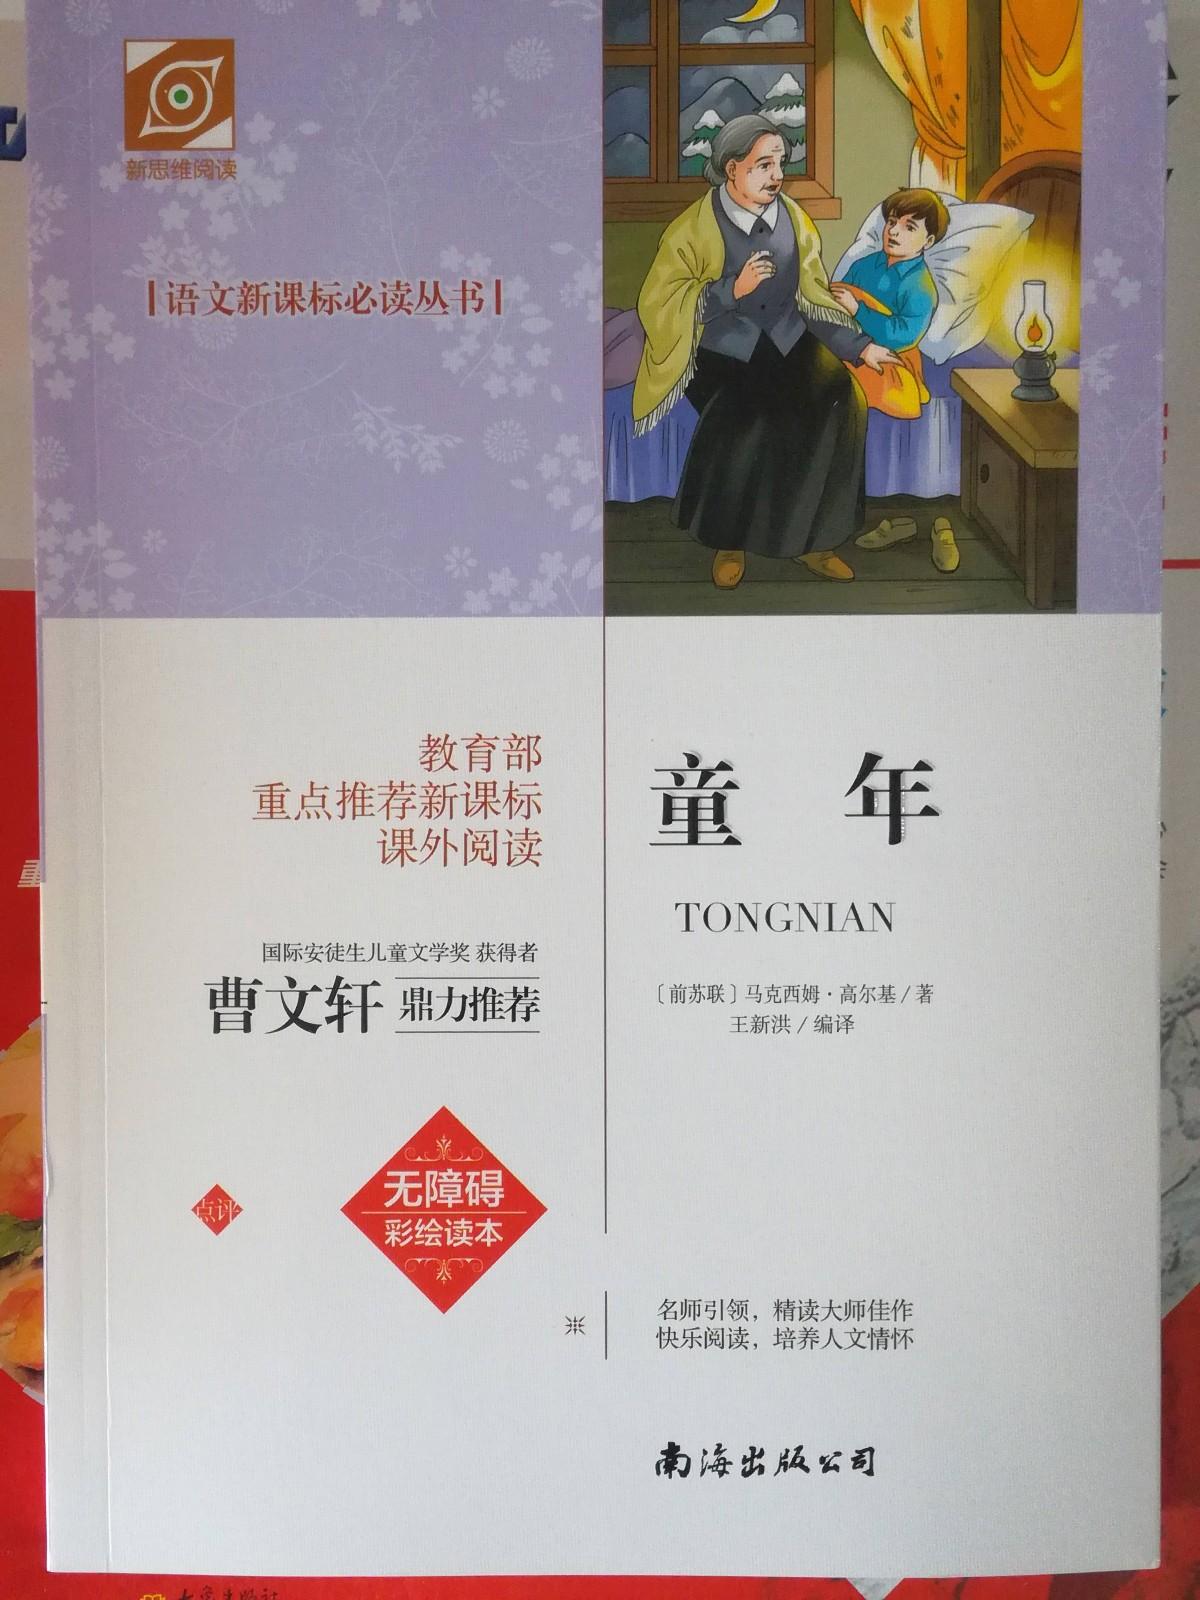 初中生都喜欢读的优秀读物_乾钰书店|图书类-洛阳市站区乾钰书店